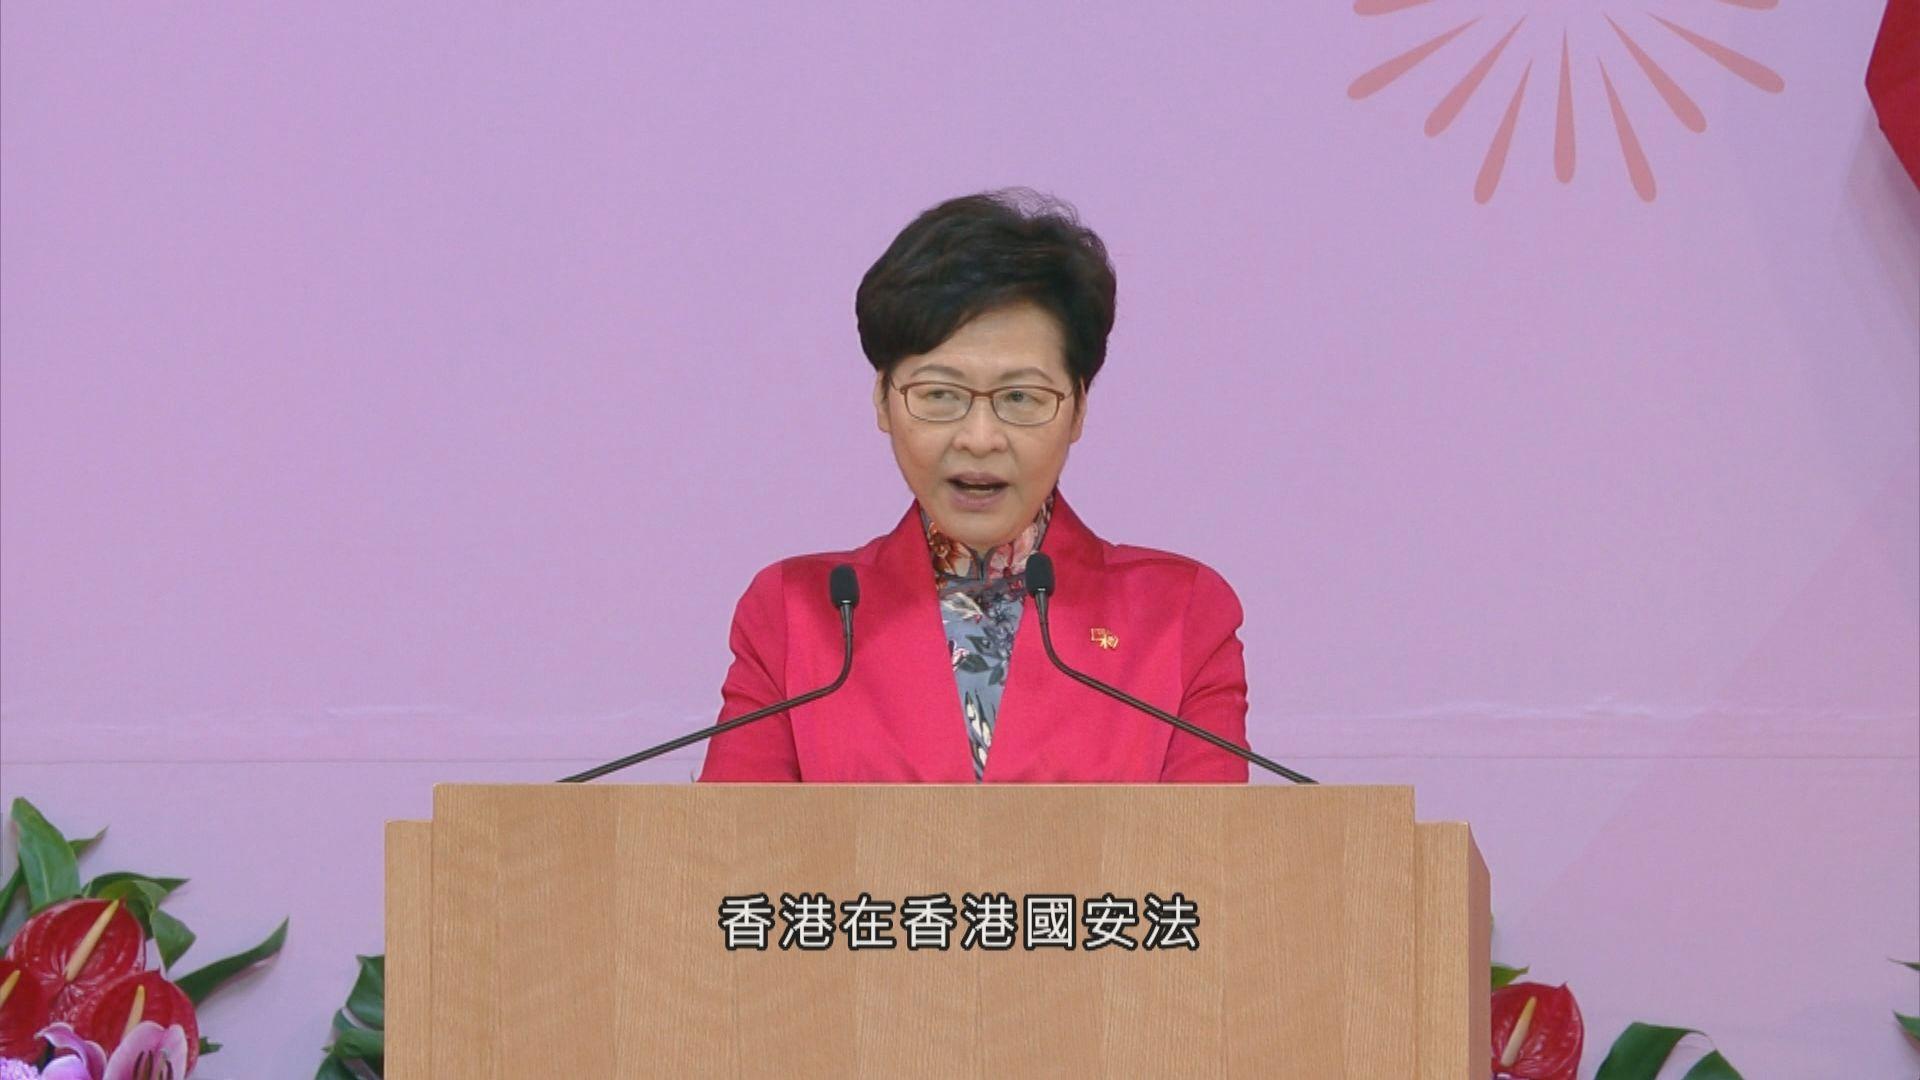 林鄭:香港真正踏上一國兩制正確軌道 回歸以來最具優勢